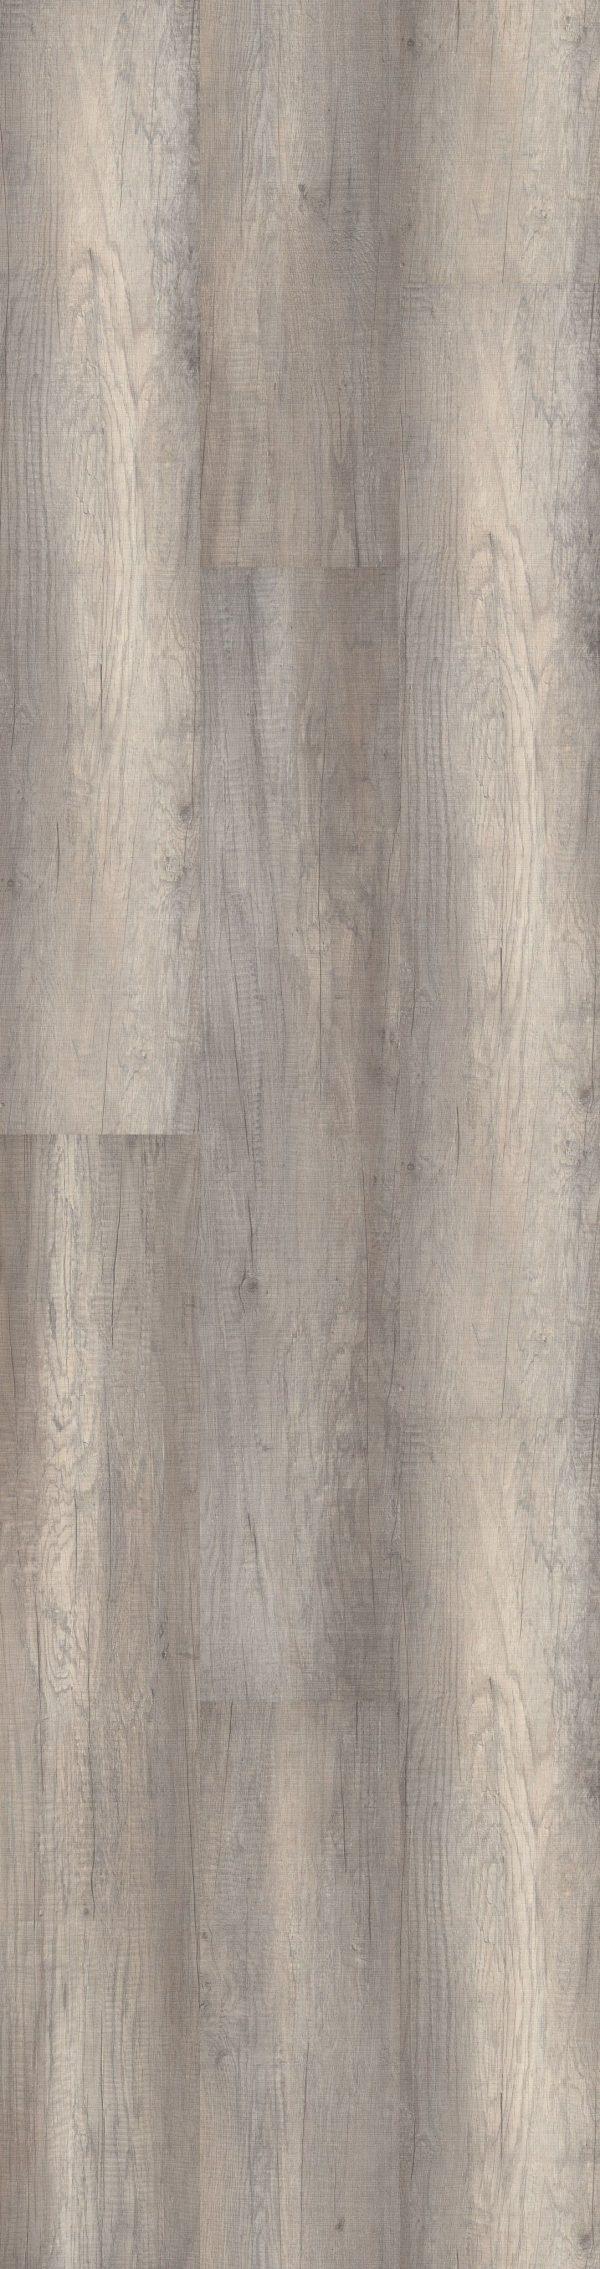 Washed Oak